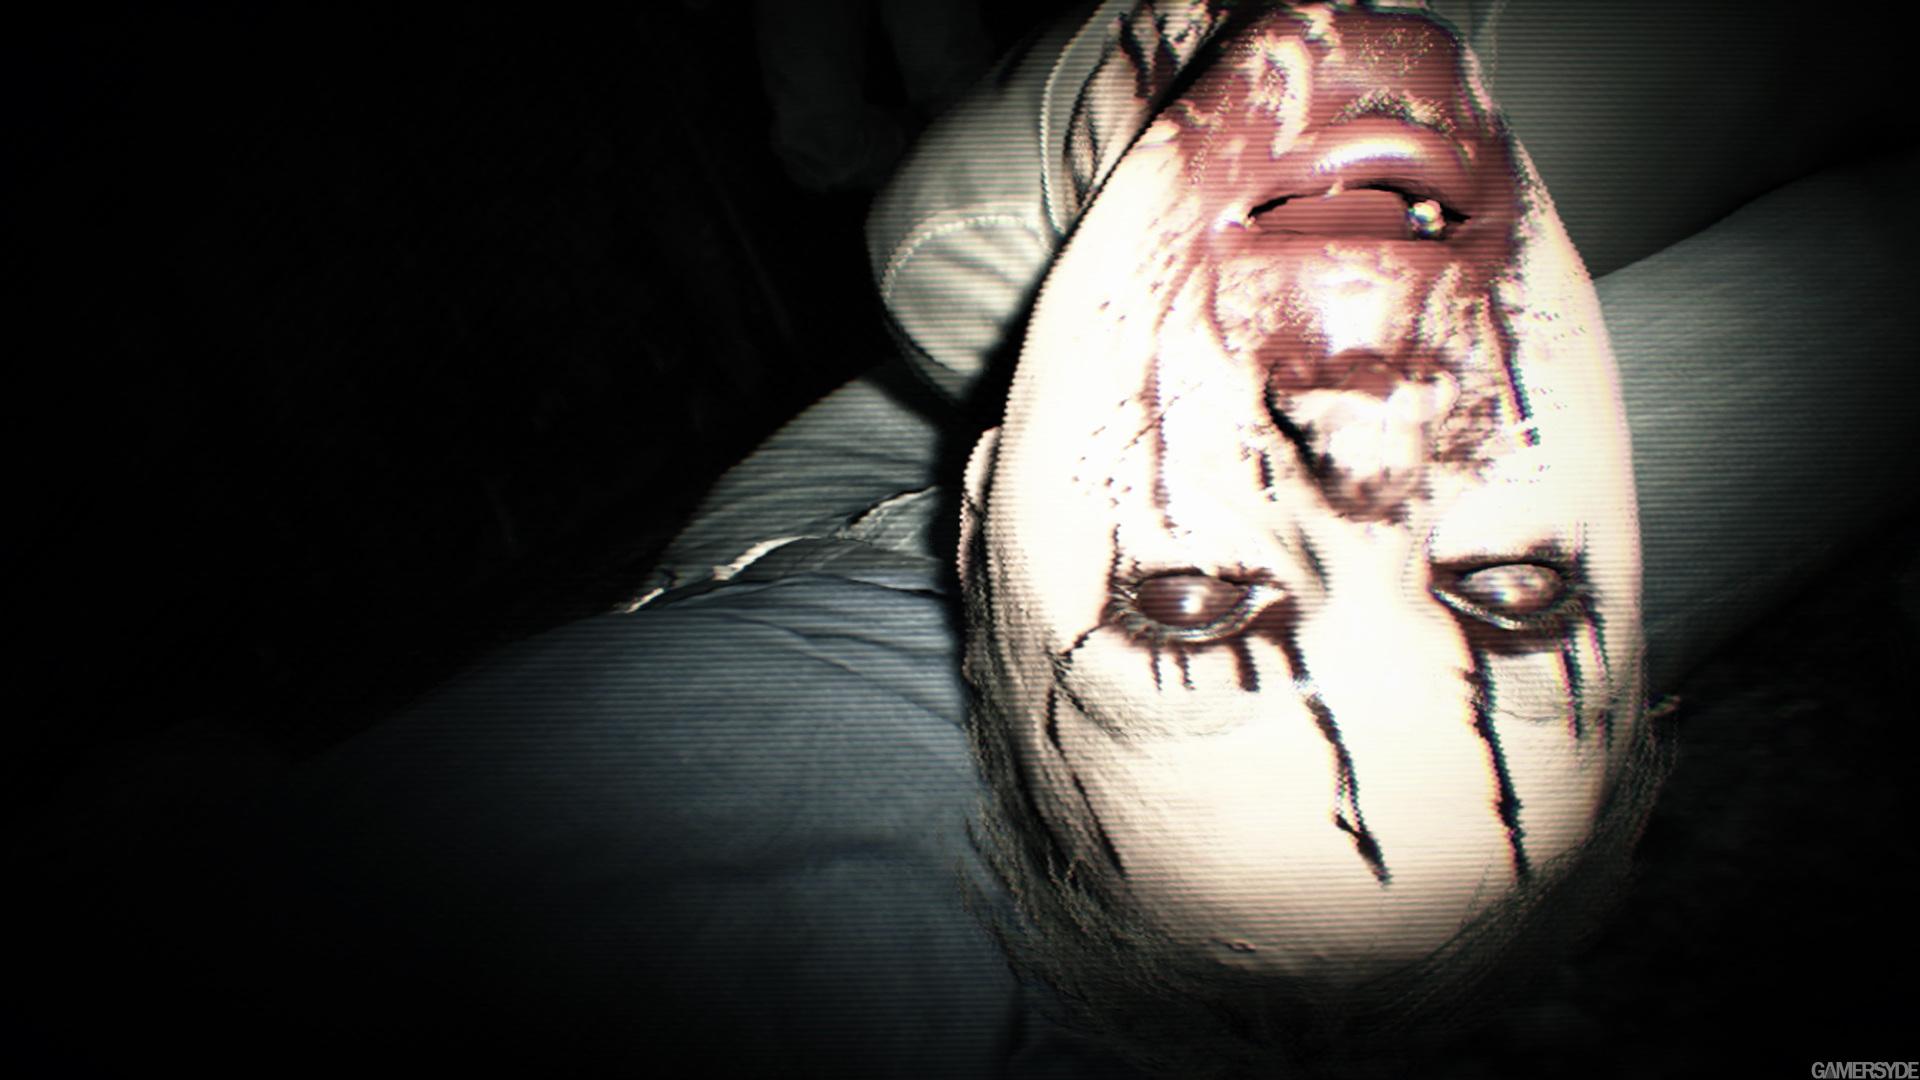 image_resident_evil_7-32138-3635_0011.jp